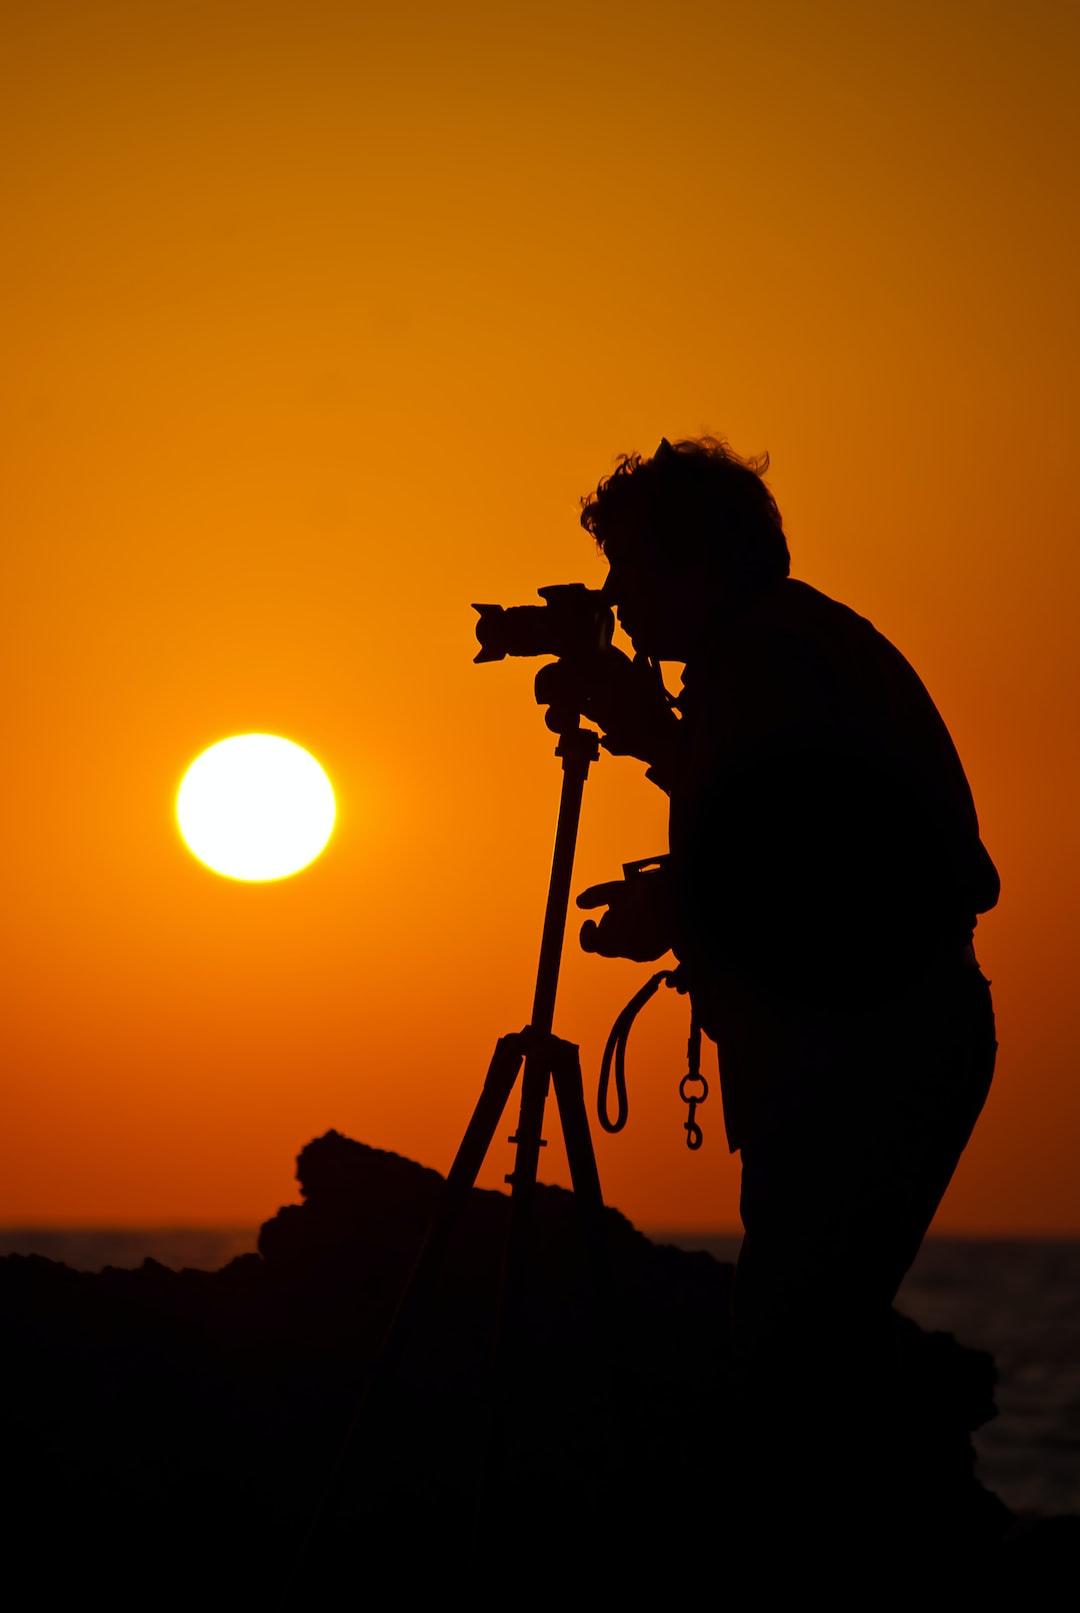 Photographer in back light